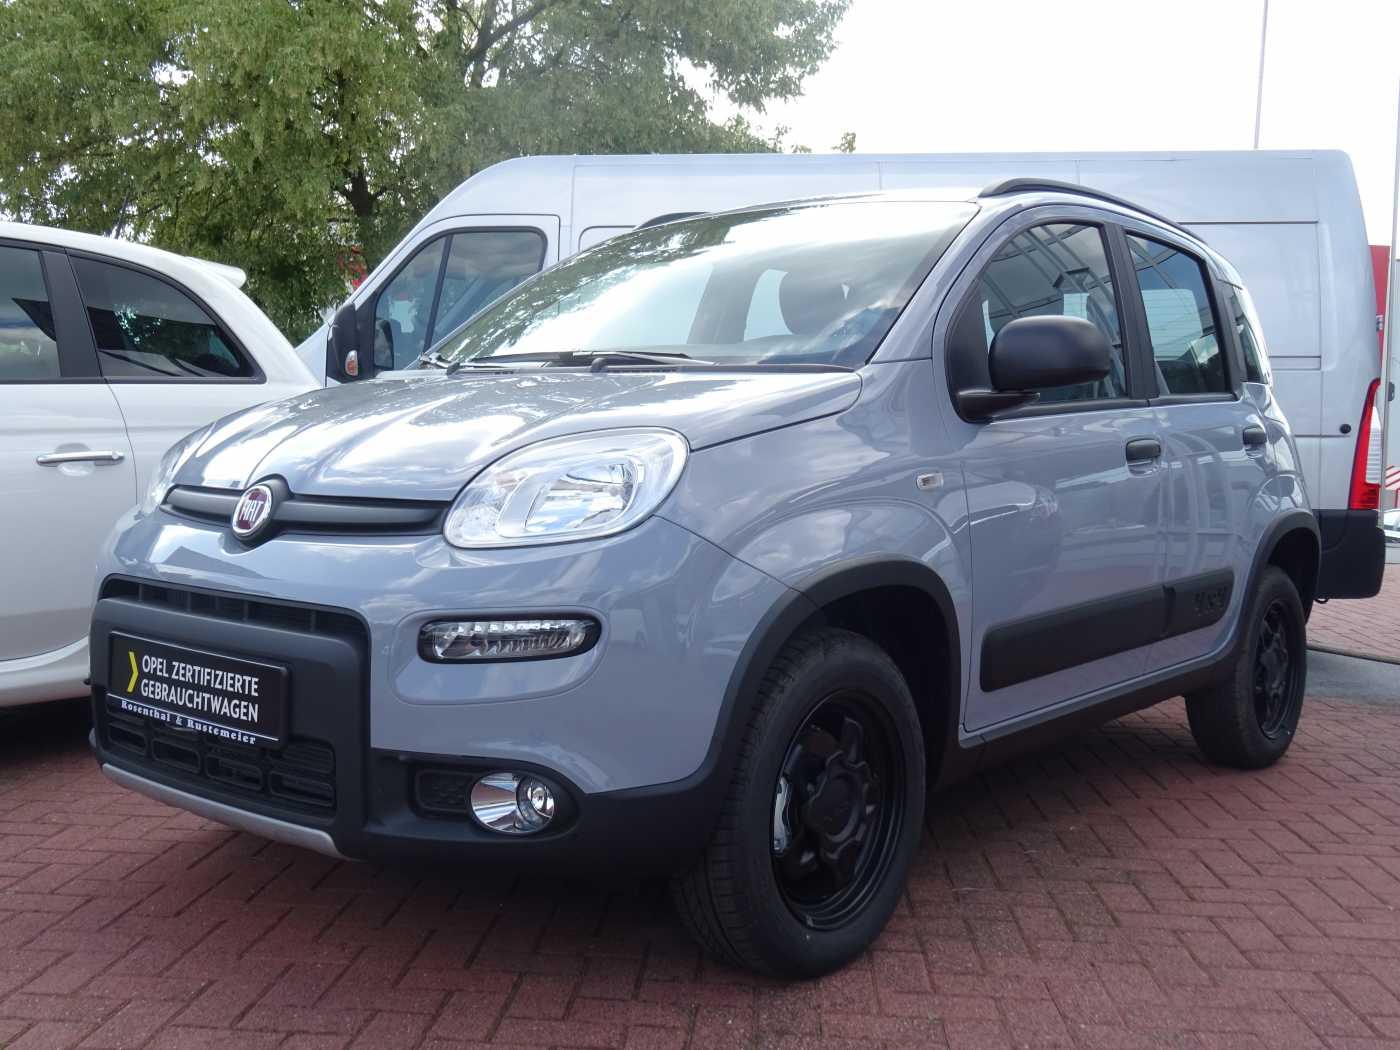 Fiat Panda 0.9 4x4 Wild SITZHEIZUNG, Jahr 2020, Benzin